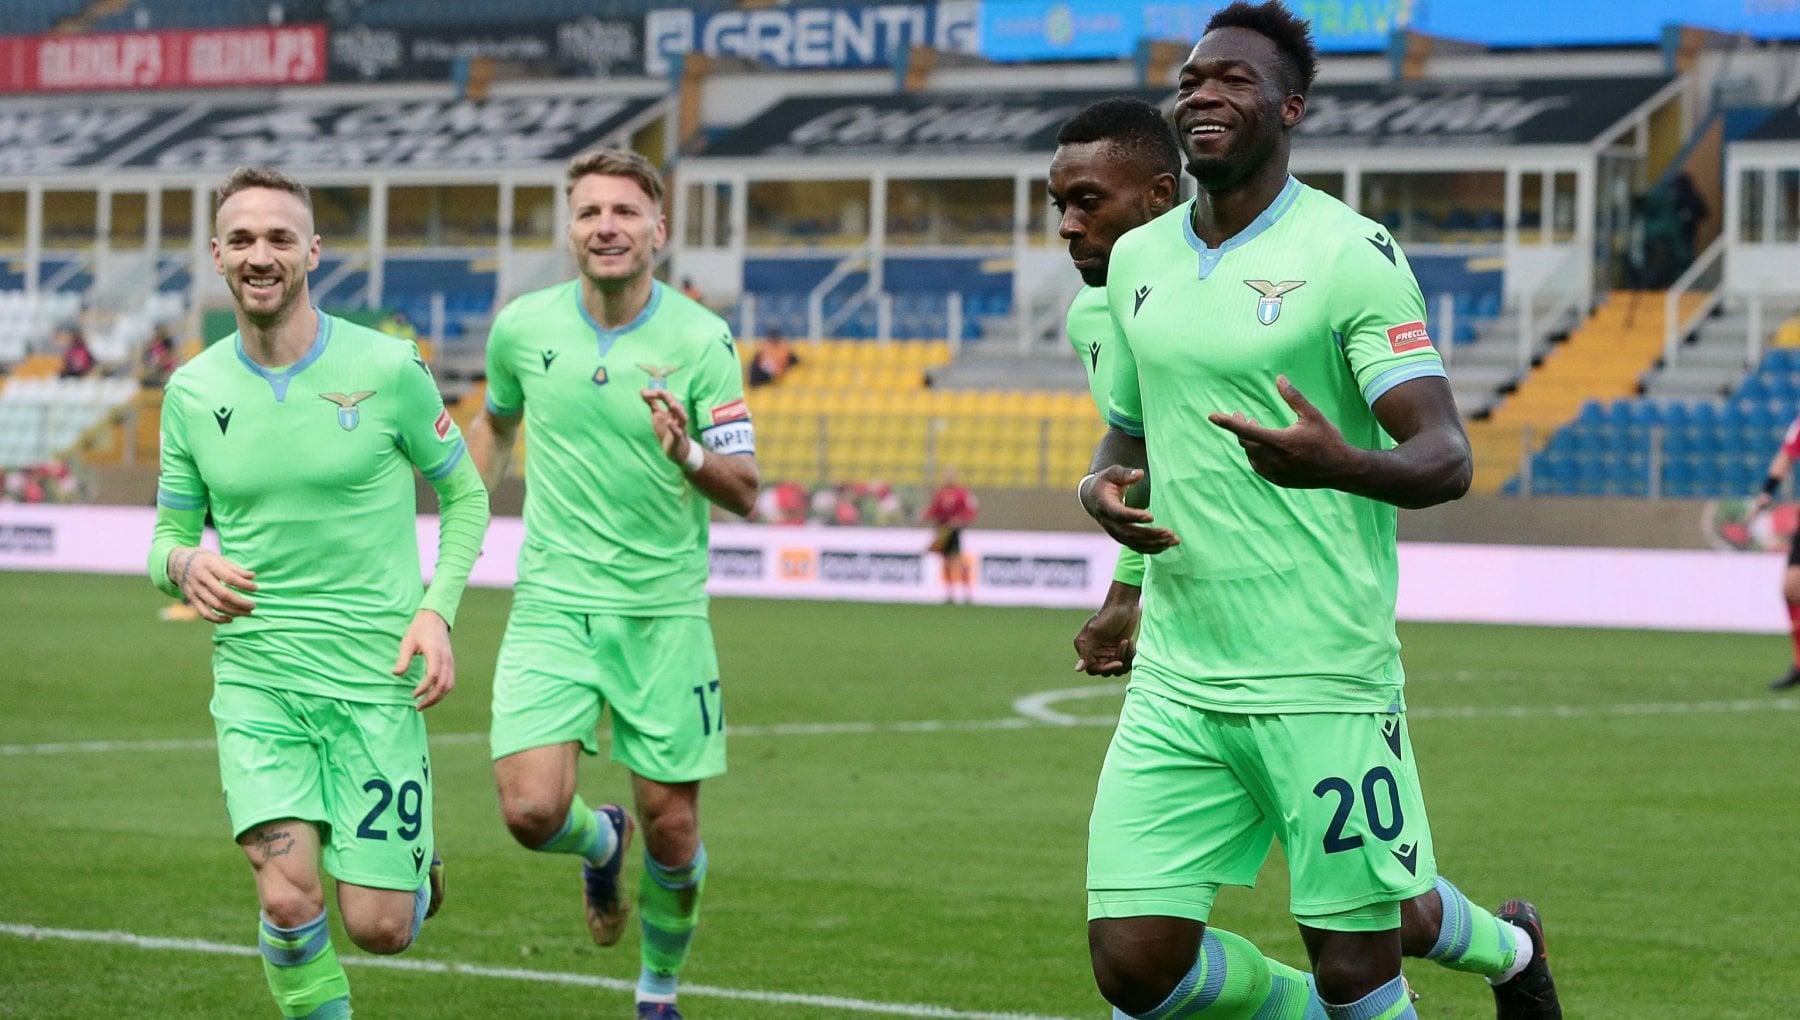 Parma Lazio 0 2 i biancocelesti rovinano il ritorno di DAversa